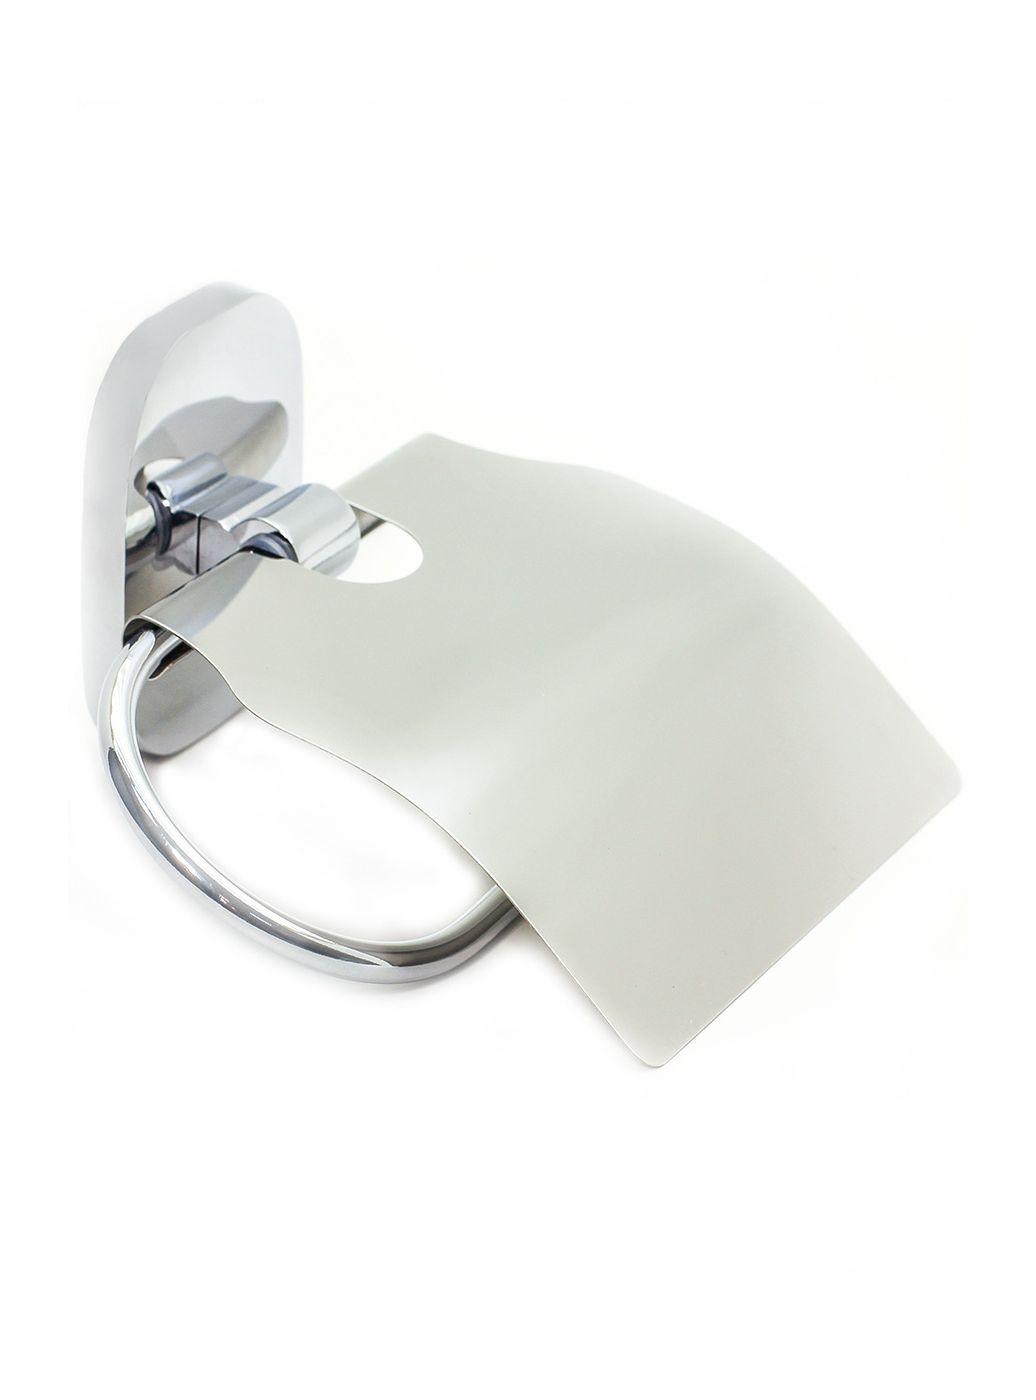 Держатель для туалетной бумаги Mr. Penguin KL 1610